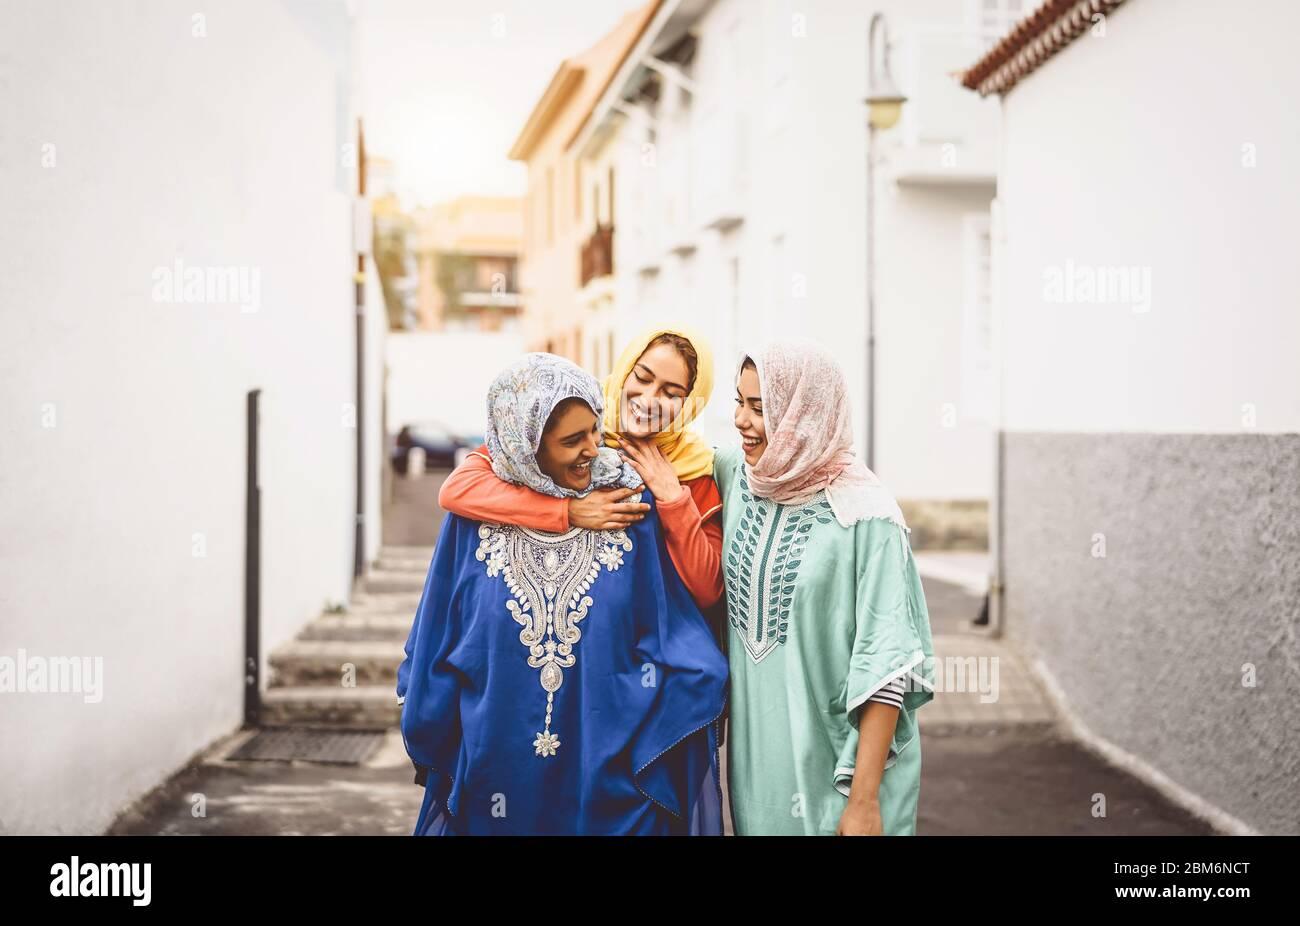 Feliz mujeres musulmanas caminando en el centro de la ciudad - Arabian niñas divirtiéndose gastar tiempo y riendo juntos outdoor Foto de stock